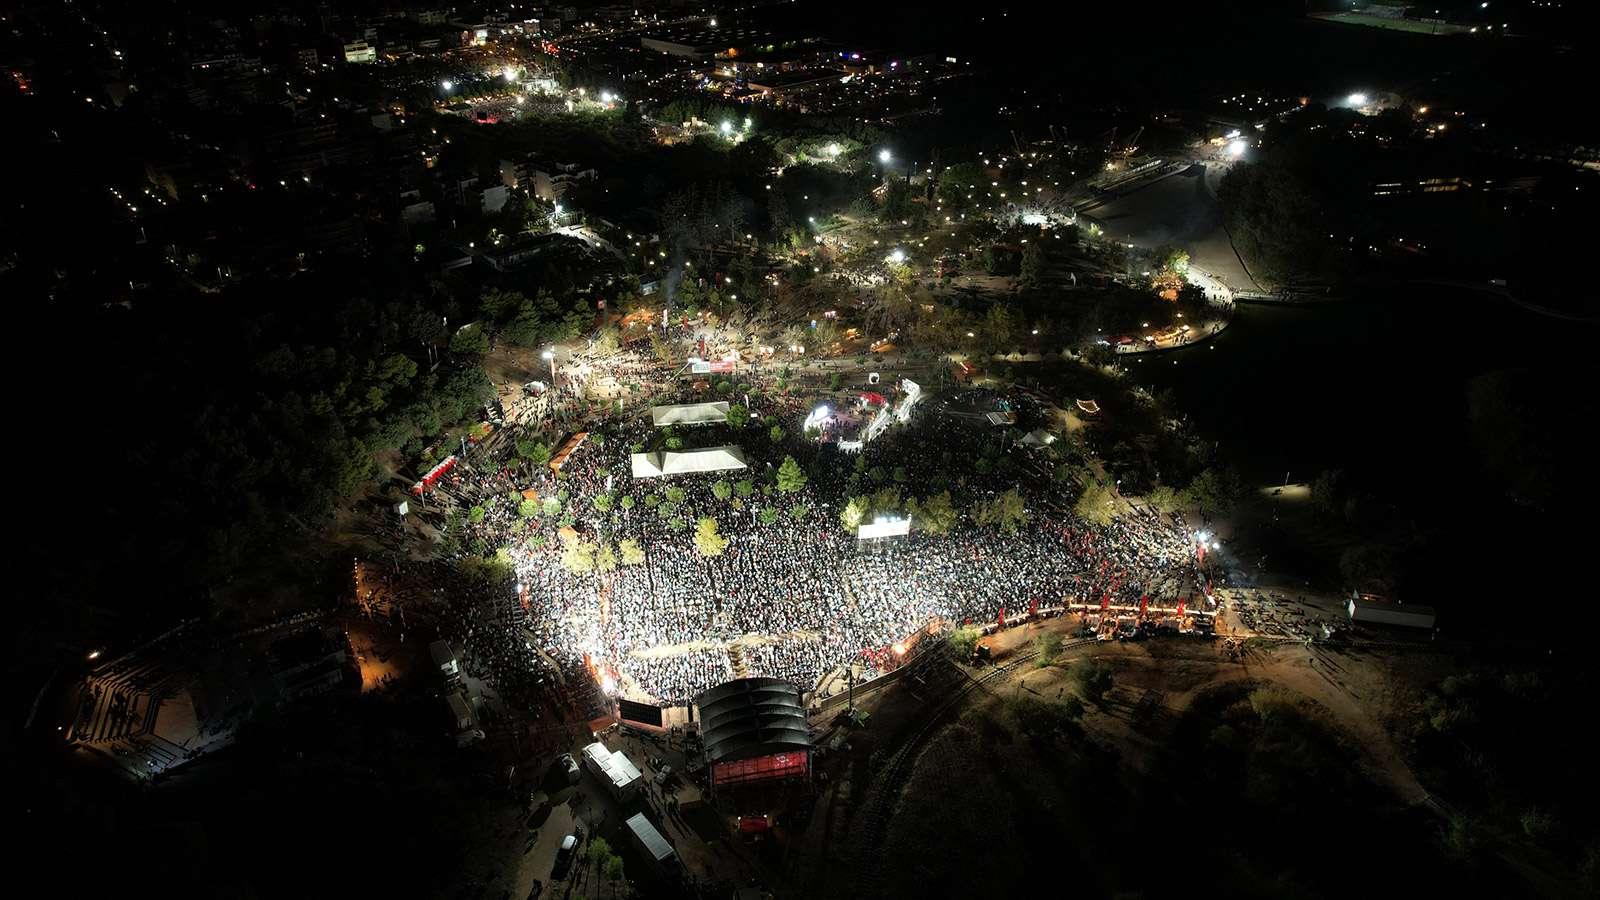 47o festival sygkentrosi